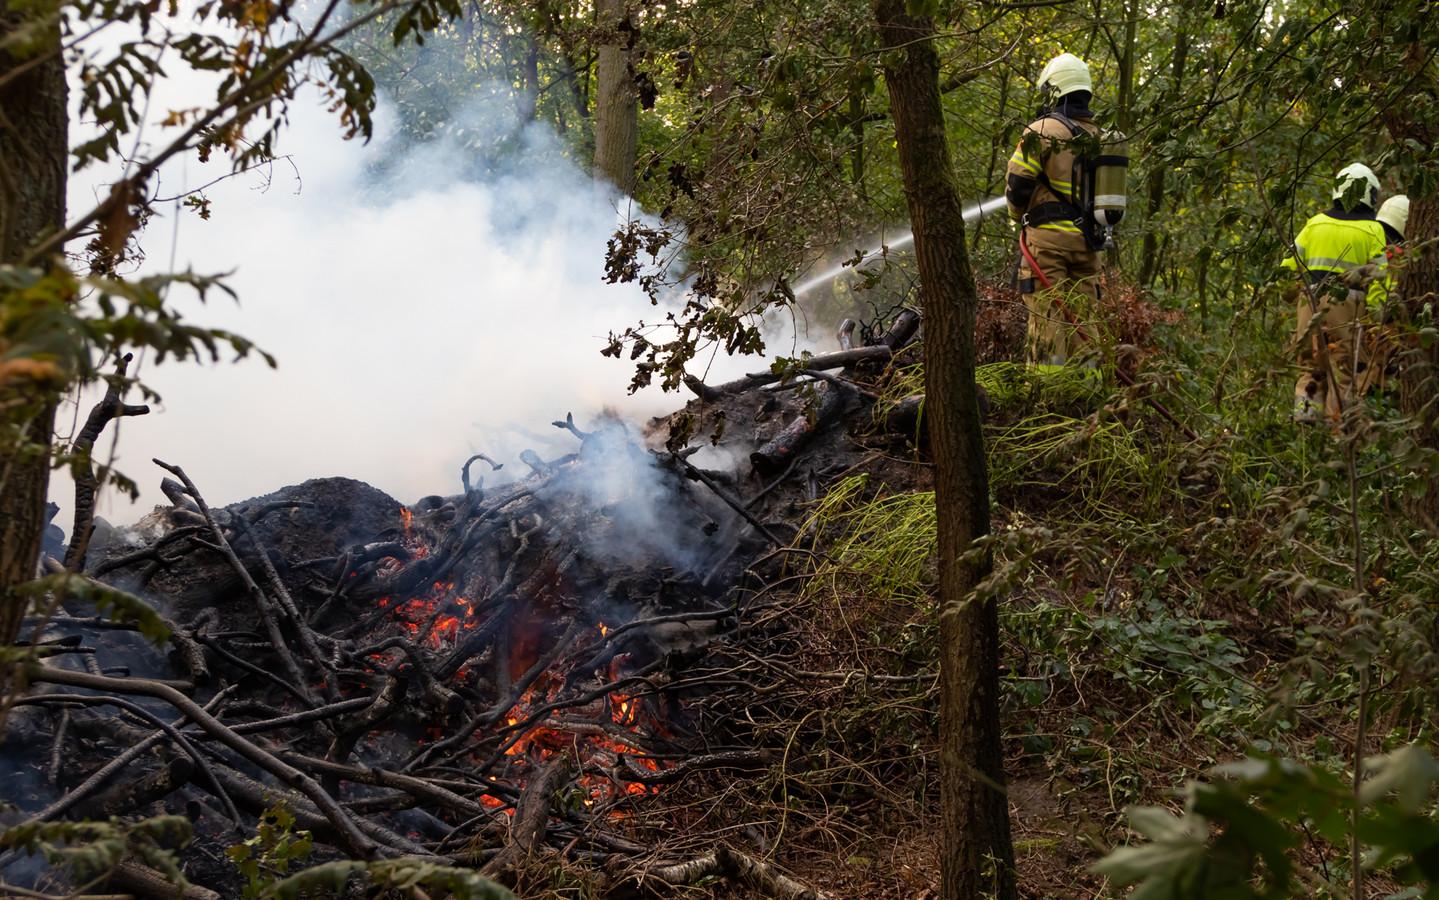 en groenstrook van snoeiafval stond woensdagavond rond 17.30 uur in brand aan de Boslaan in Vught.